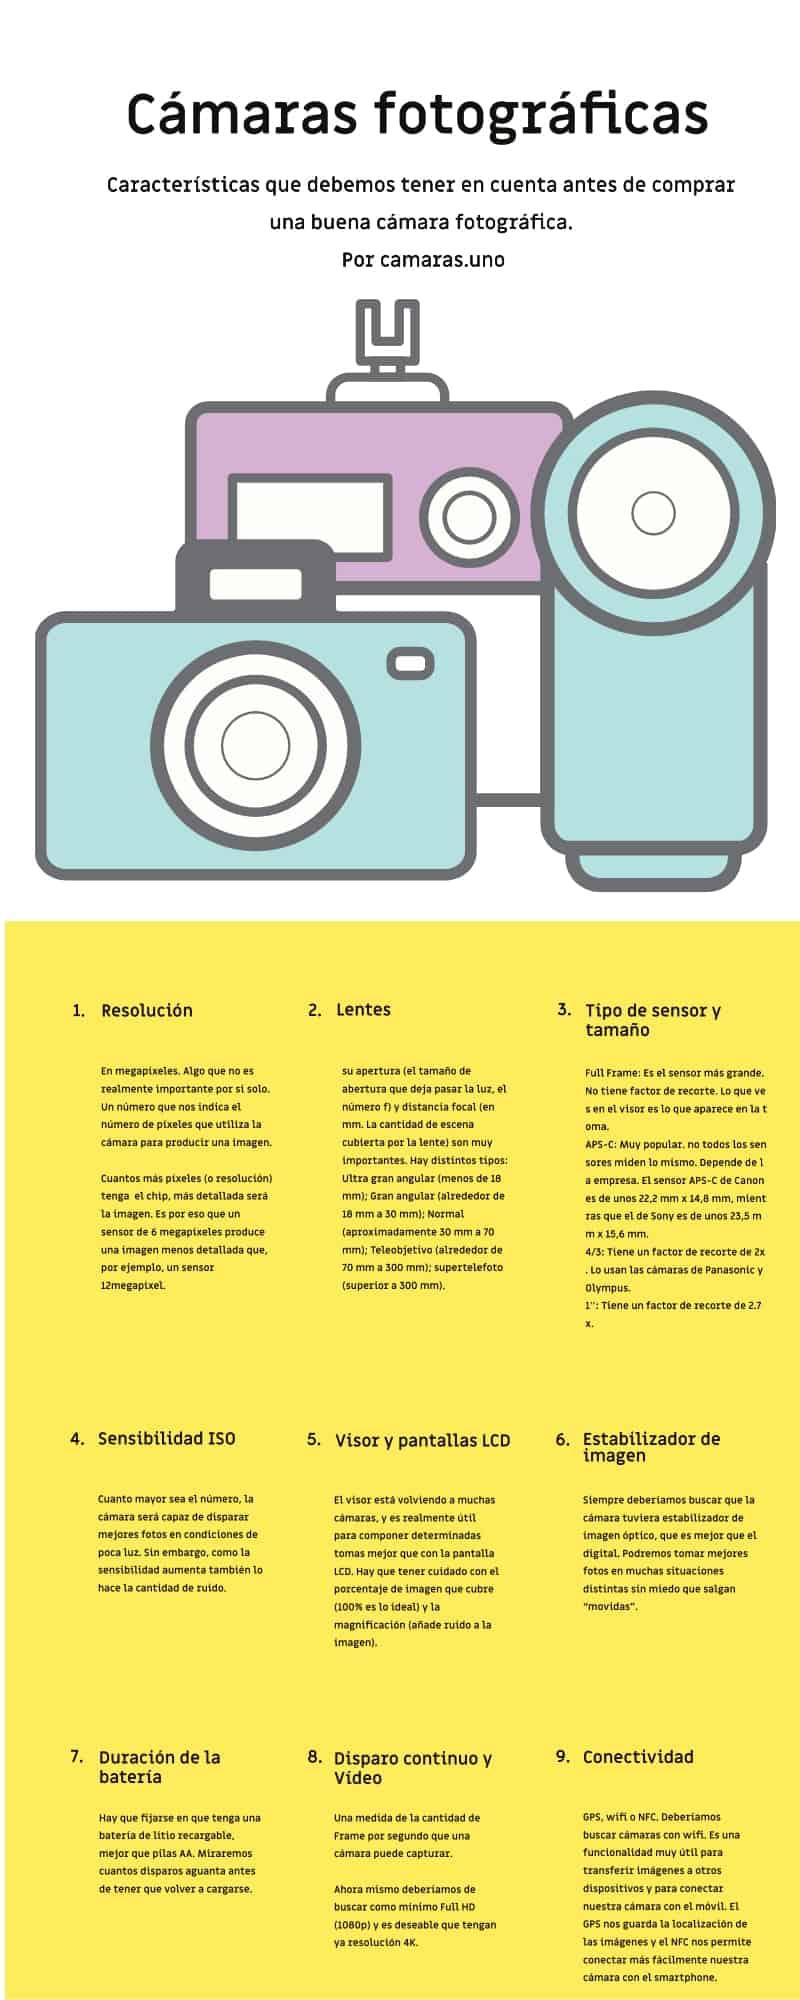 Infografia: Características que debemos tener en cuenta antes de comprar una buena cámara fotográfica